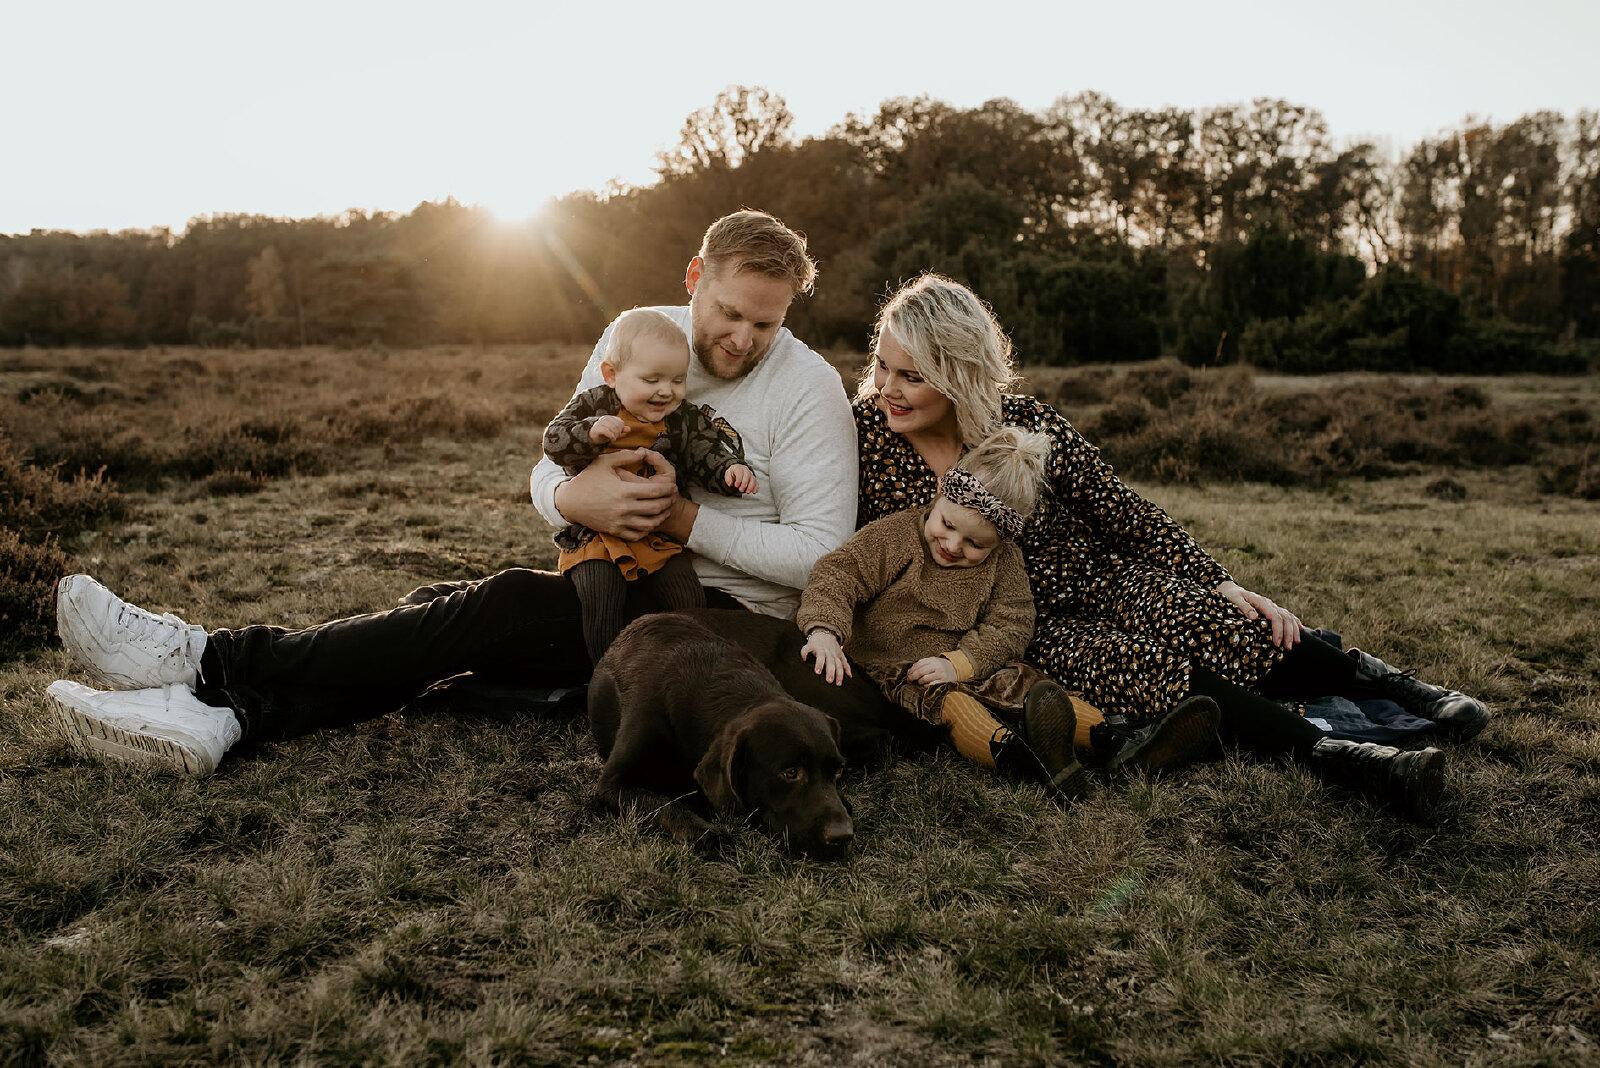 Familie Fotoshootings herfst avond zon